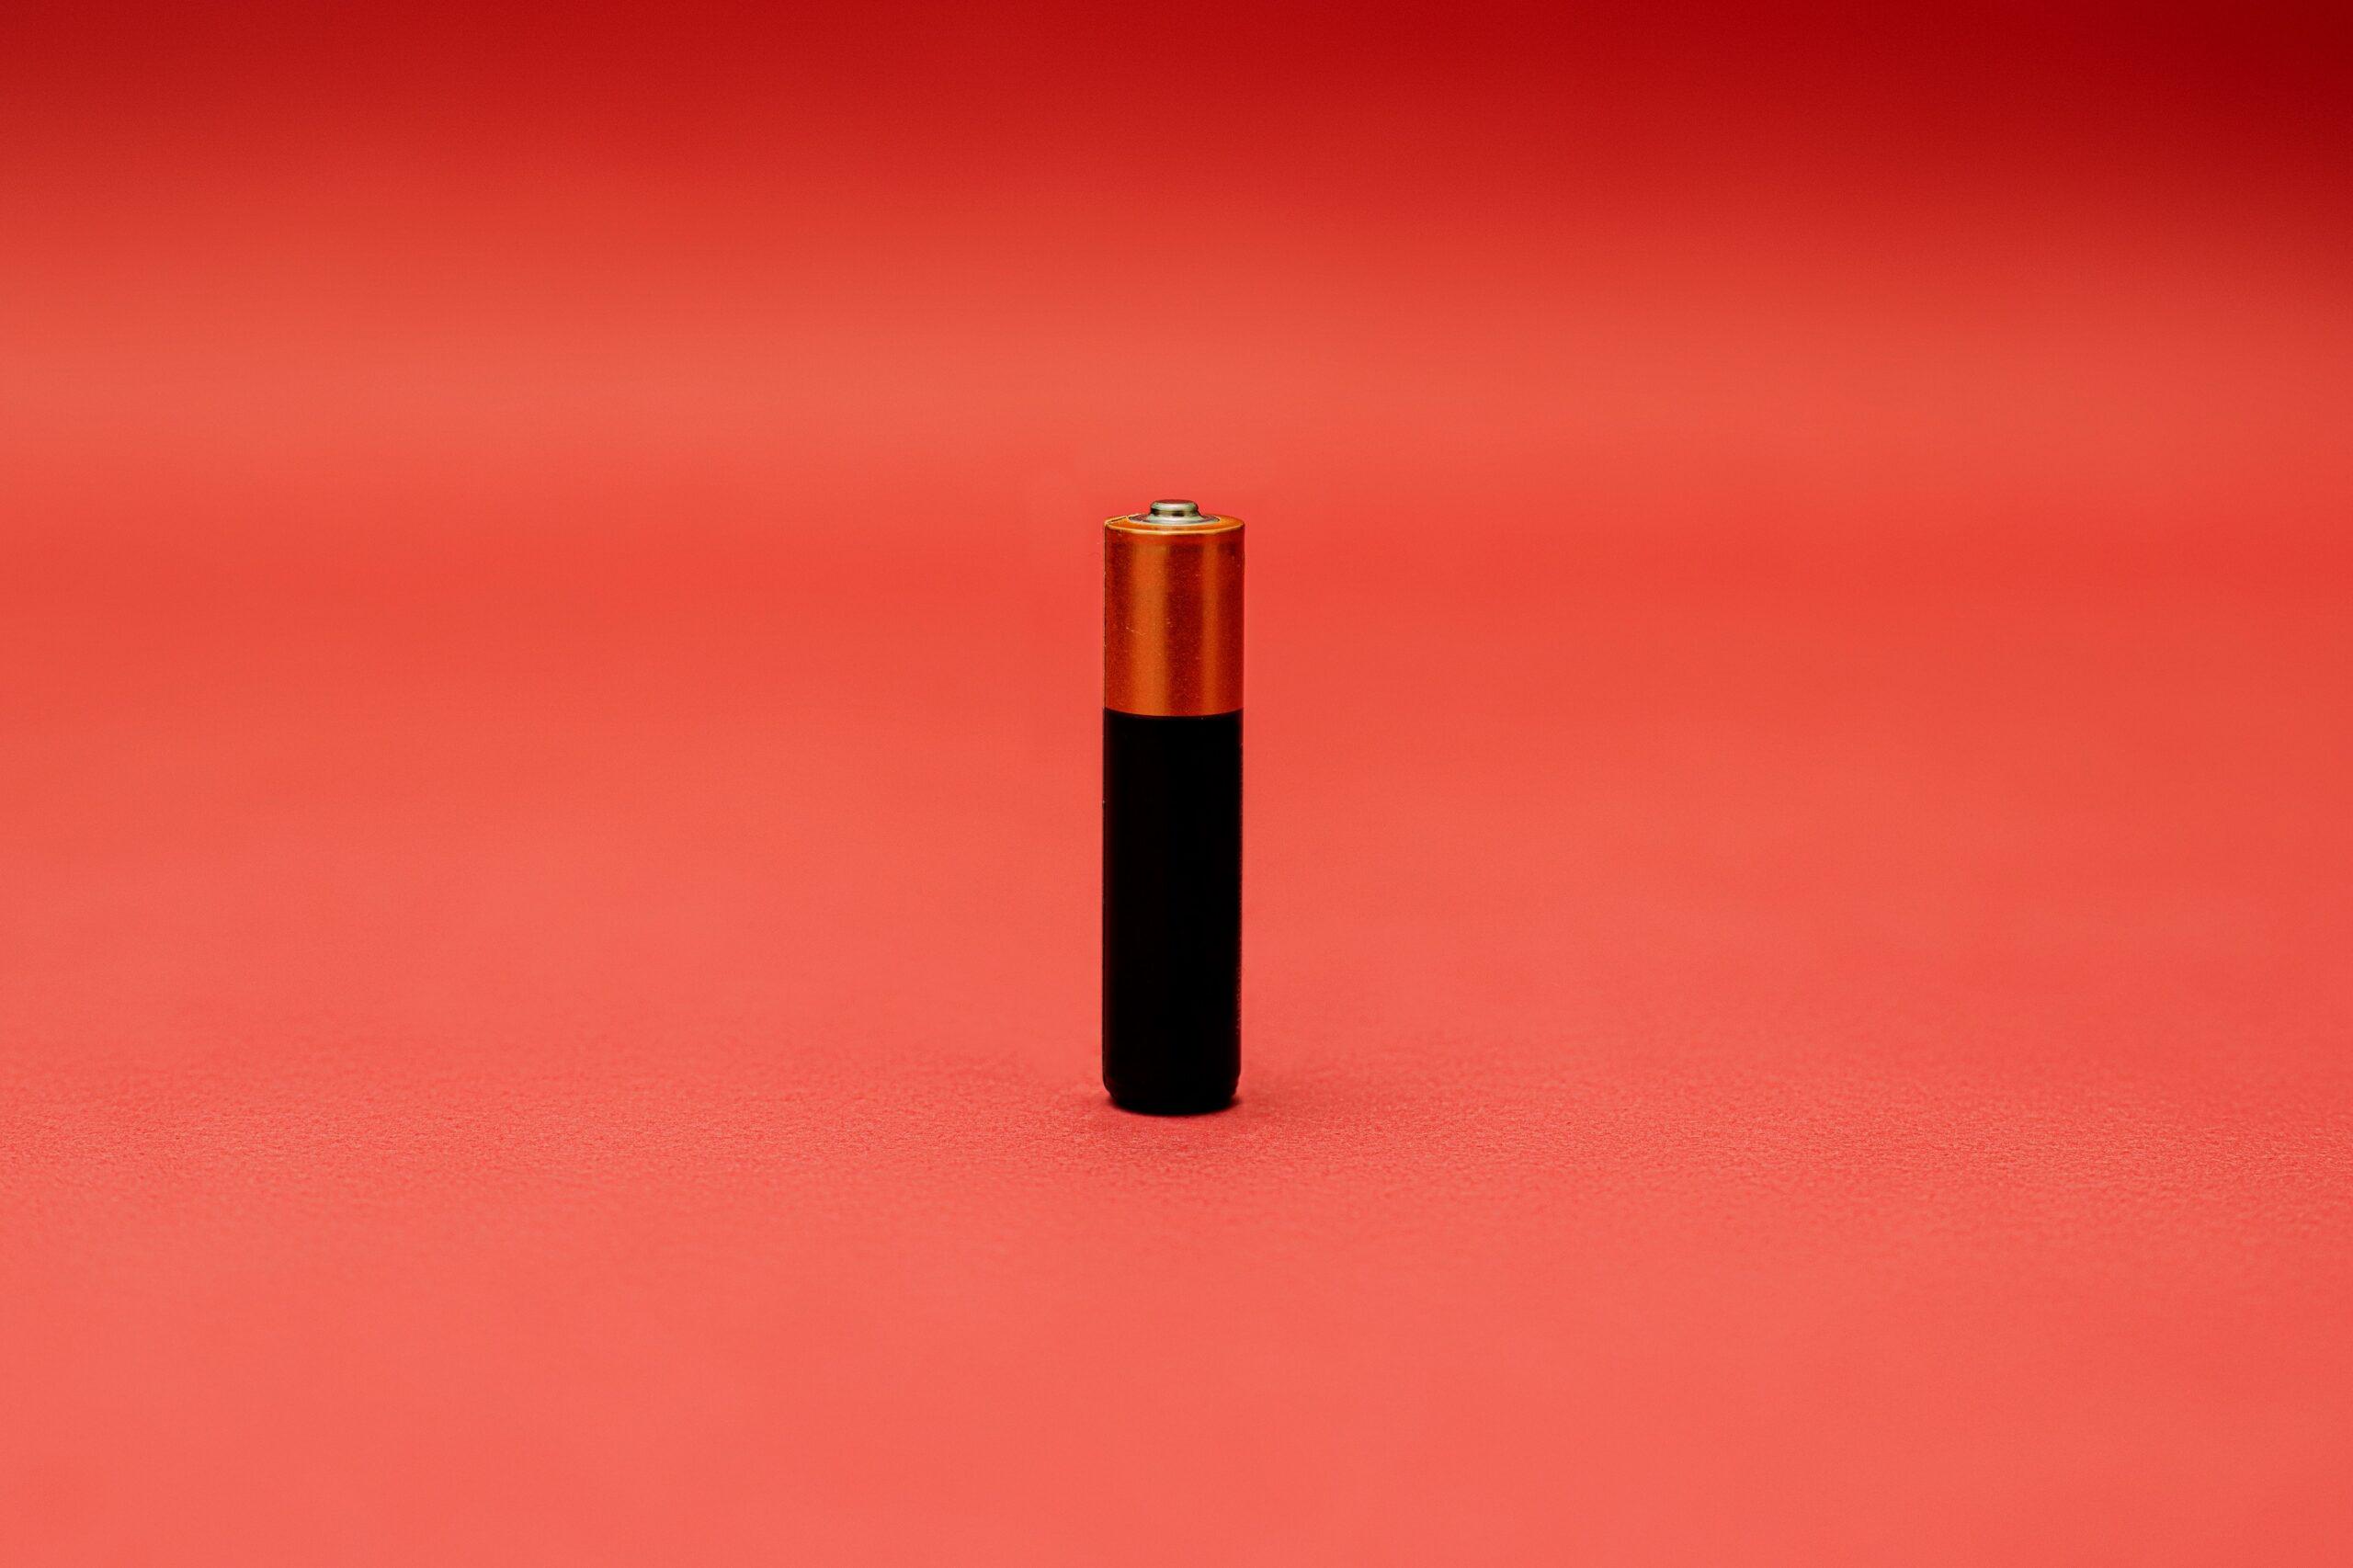 Batterier aaa med høj ydeevne og langtidsholdbarhed